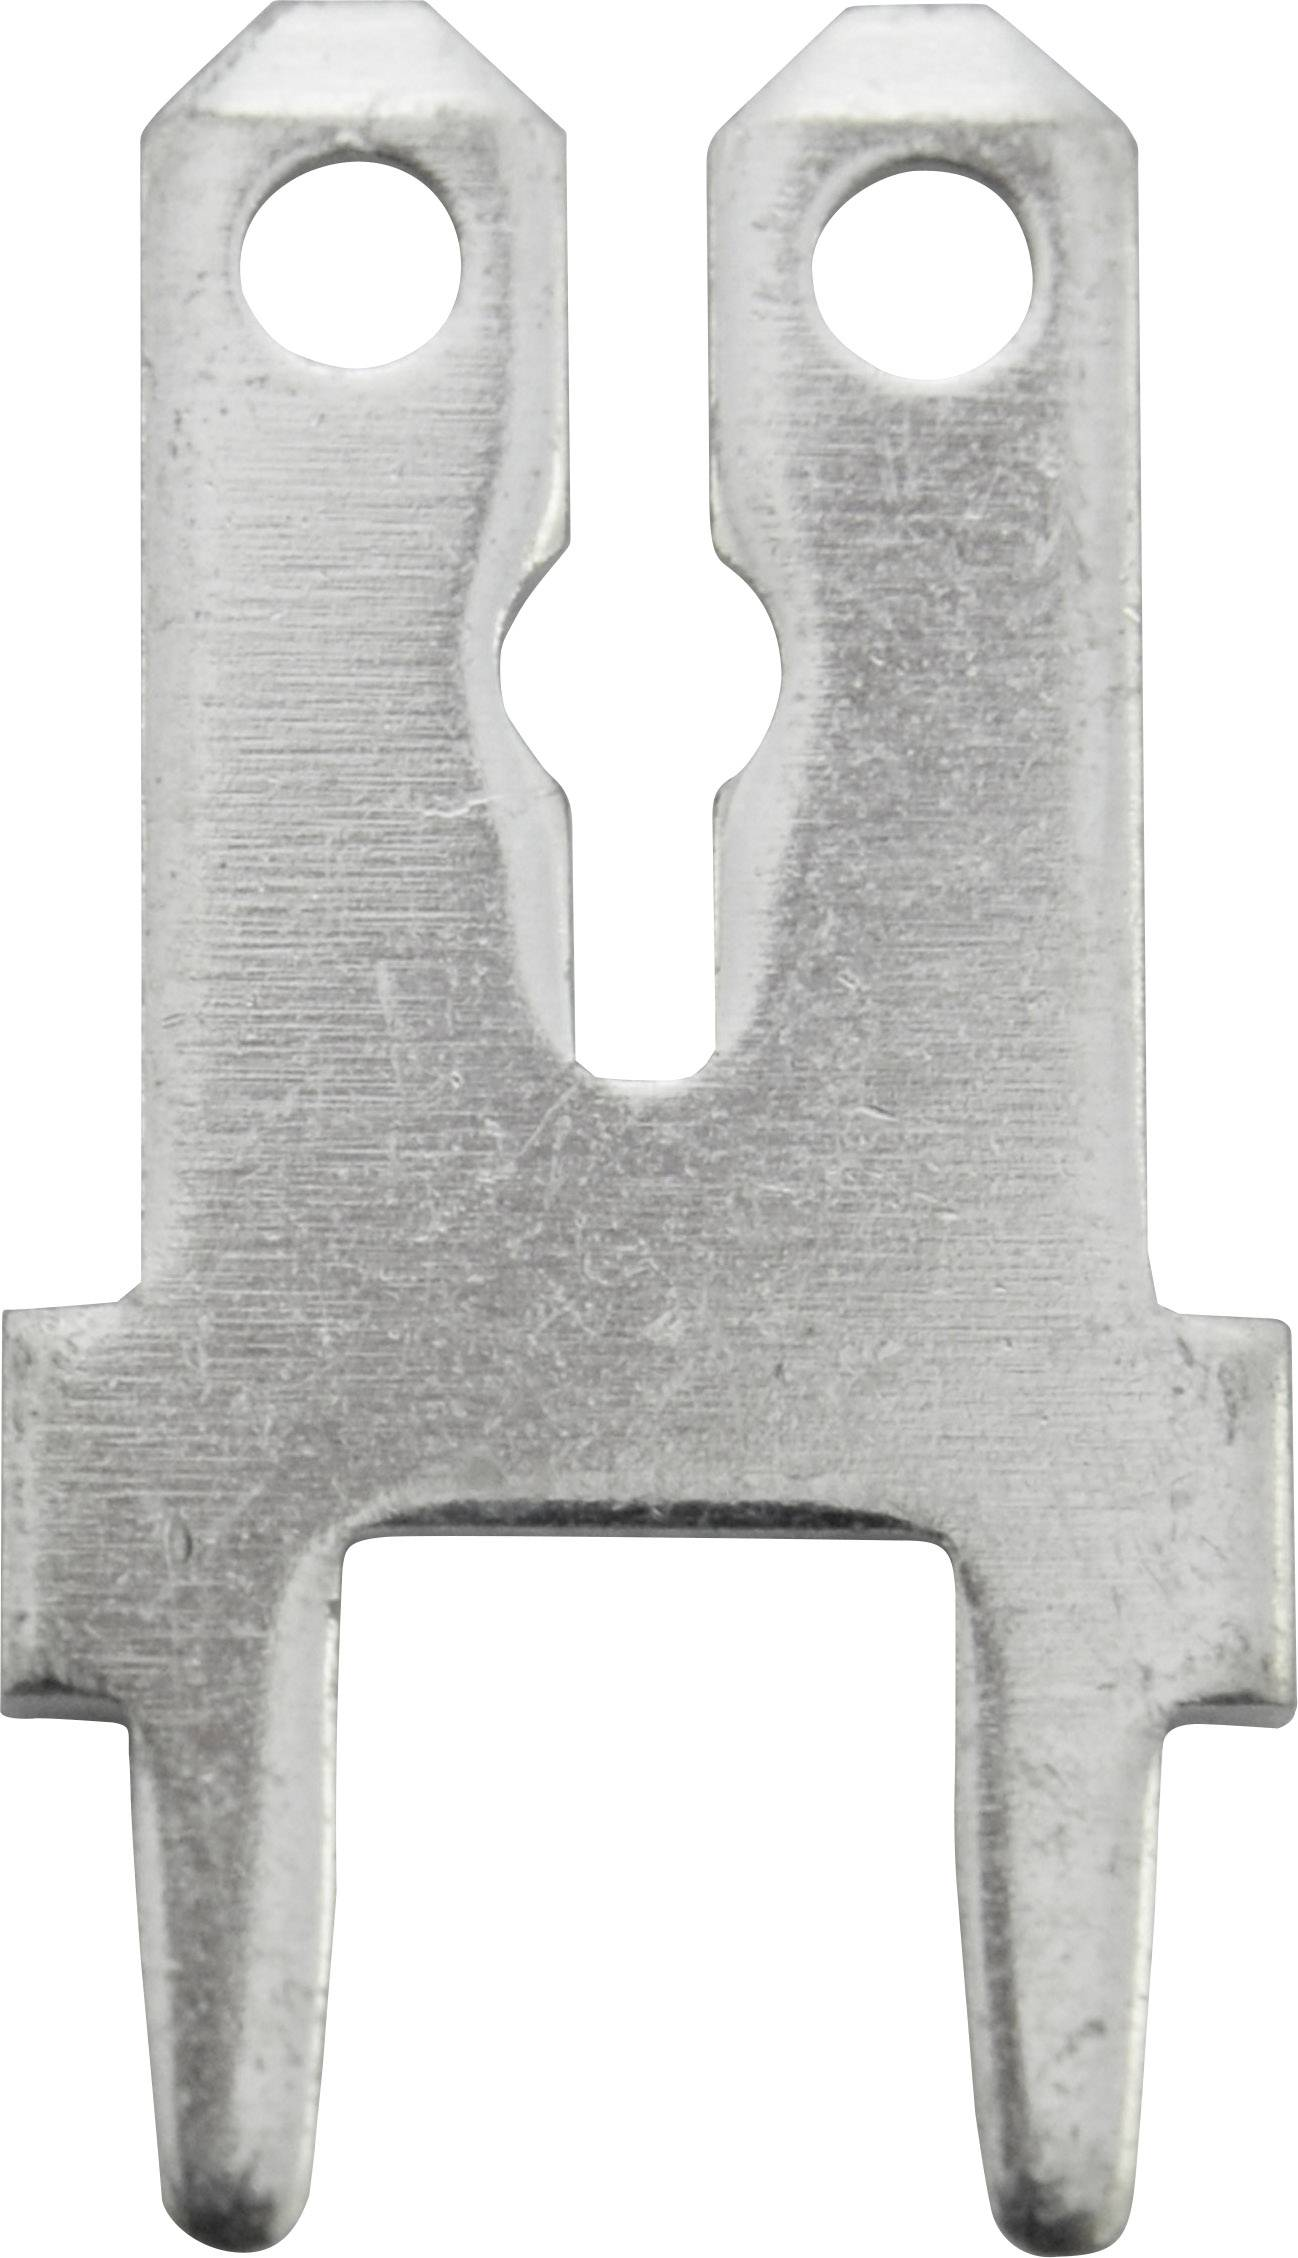 Faston zástrčka Vogt Verbindungstechnik 3866C.68 6.3 mm x 0.8 mm, 180 °, neizolované, kov, 1 ks